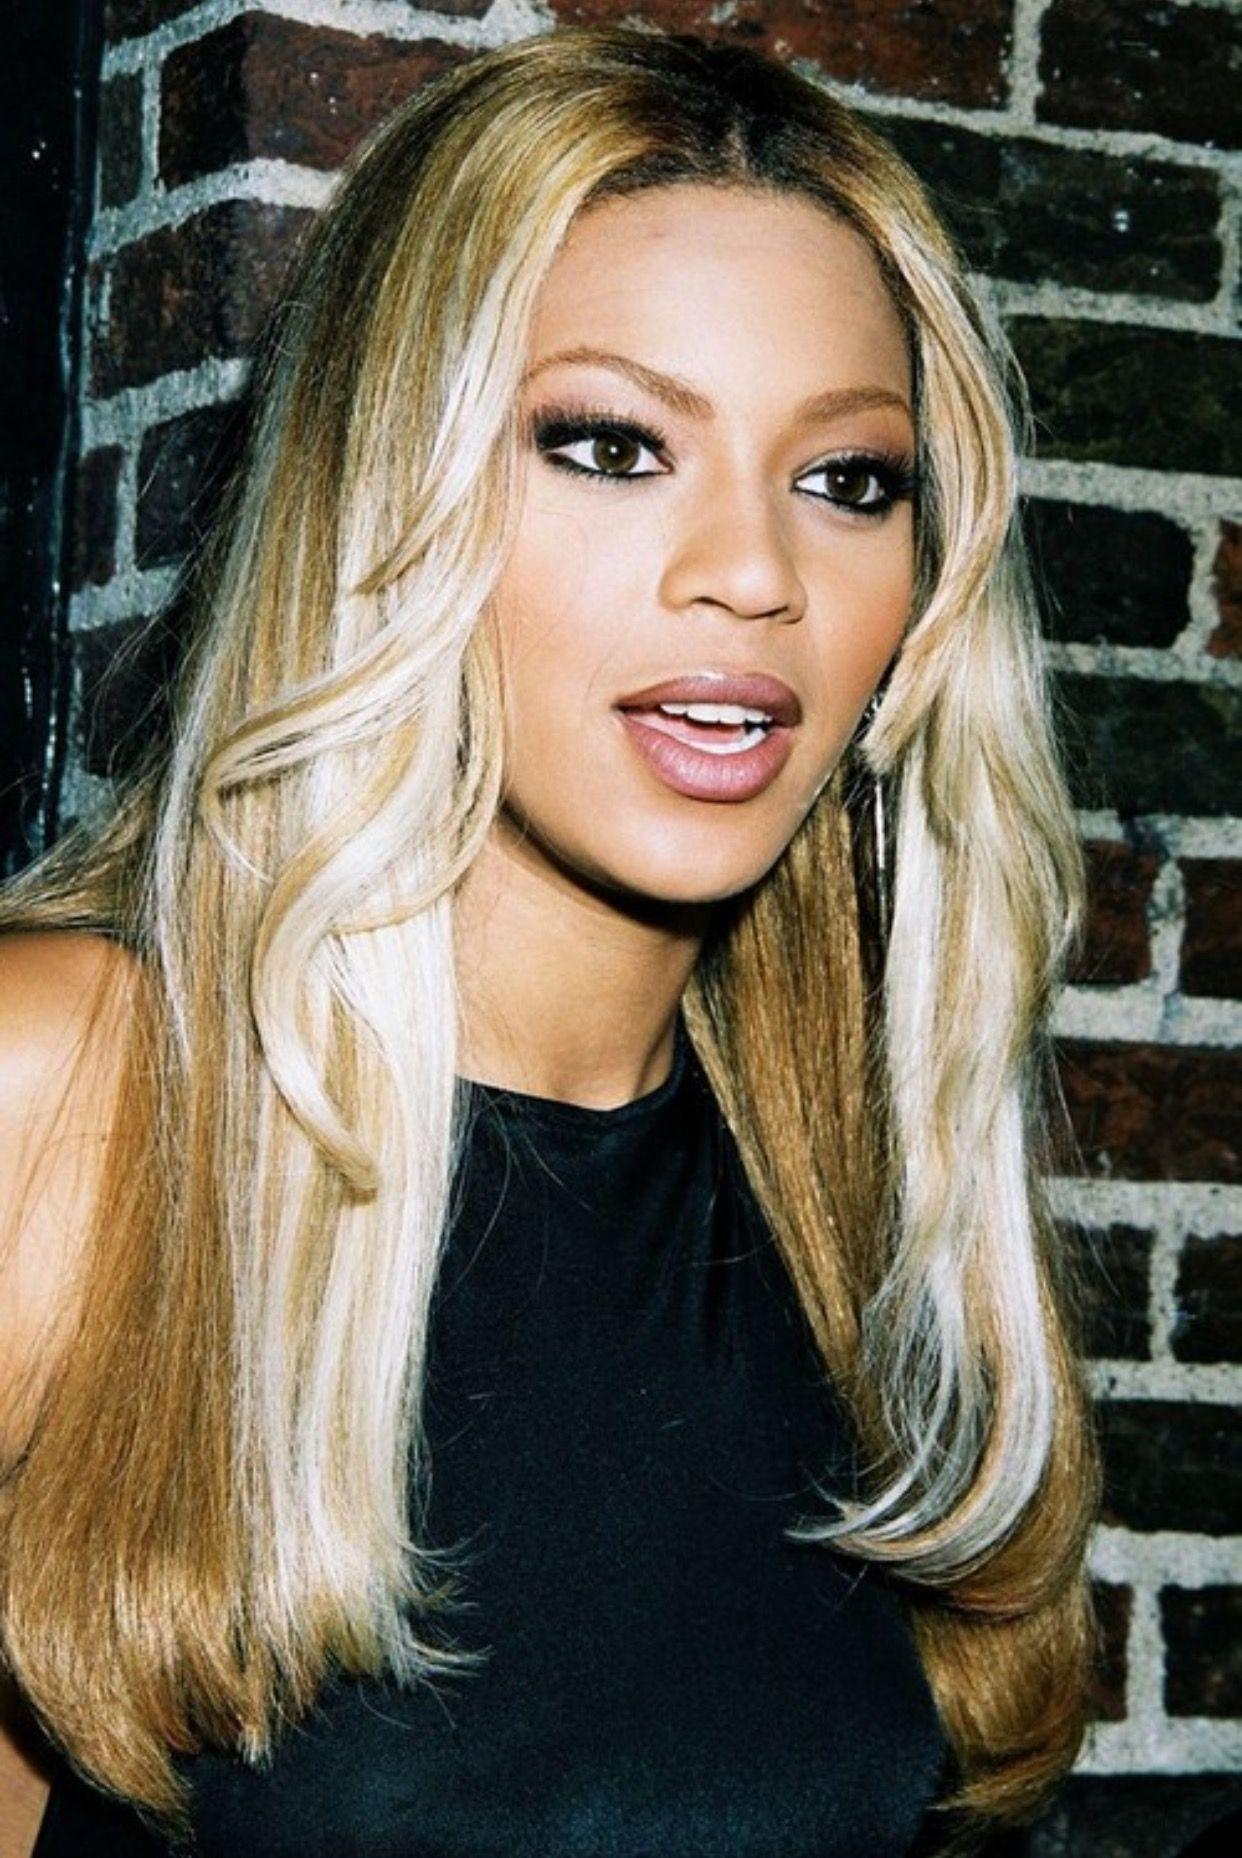 Pin By Debora Pennington On 9481 Beyonce Blonde Beyonce Hair Beyonce Blonde Hair